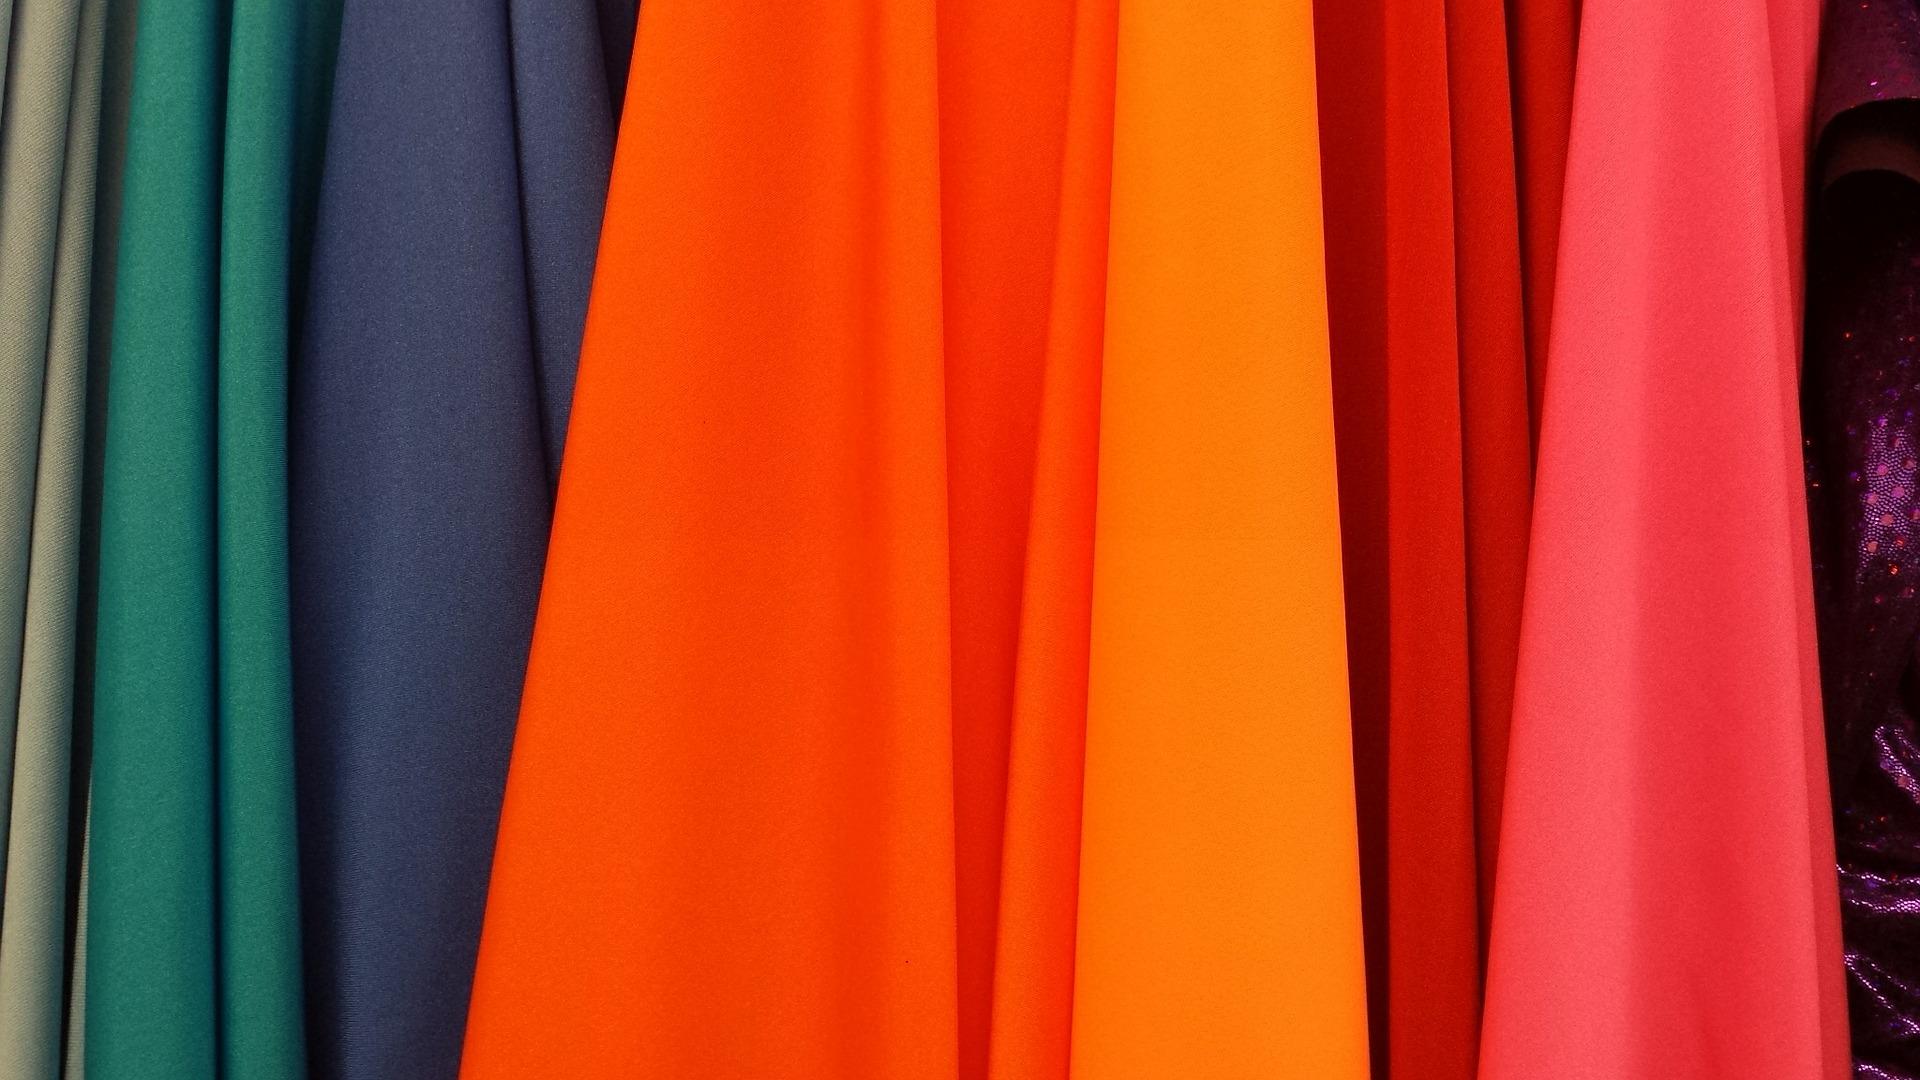 Comment choisir ses tissus pour créer ses vêtements? 1